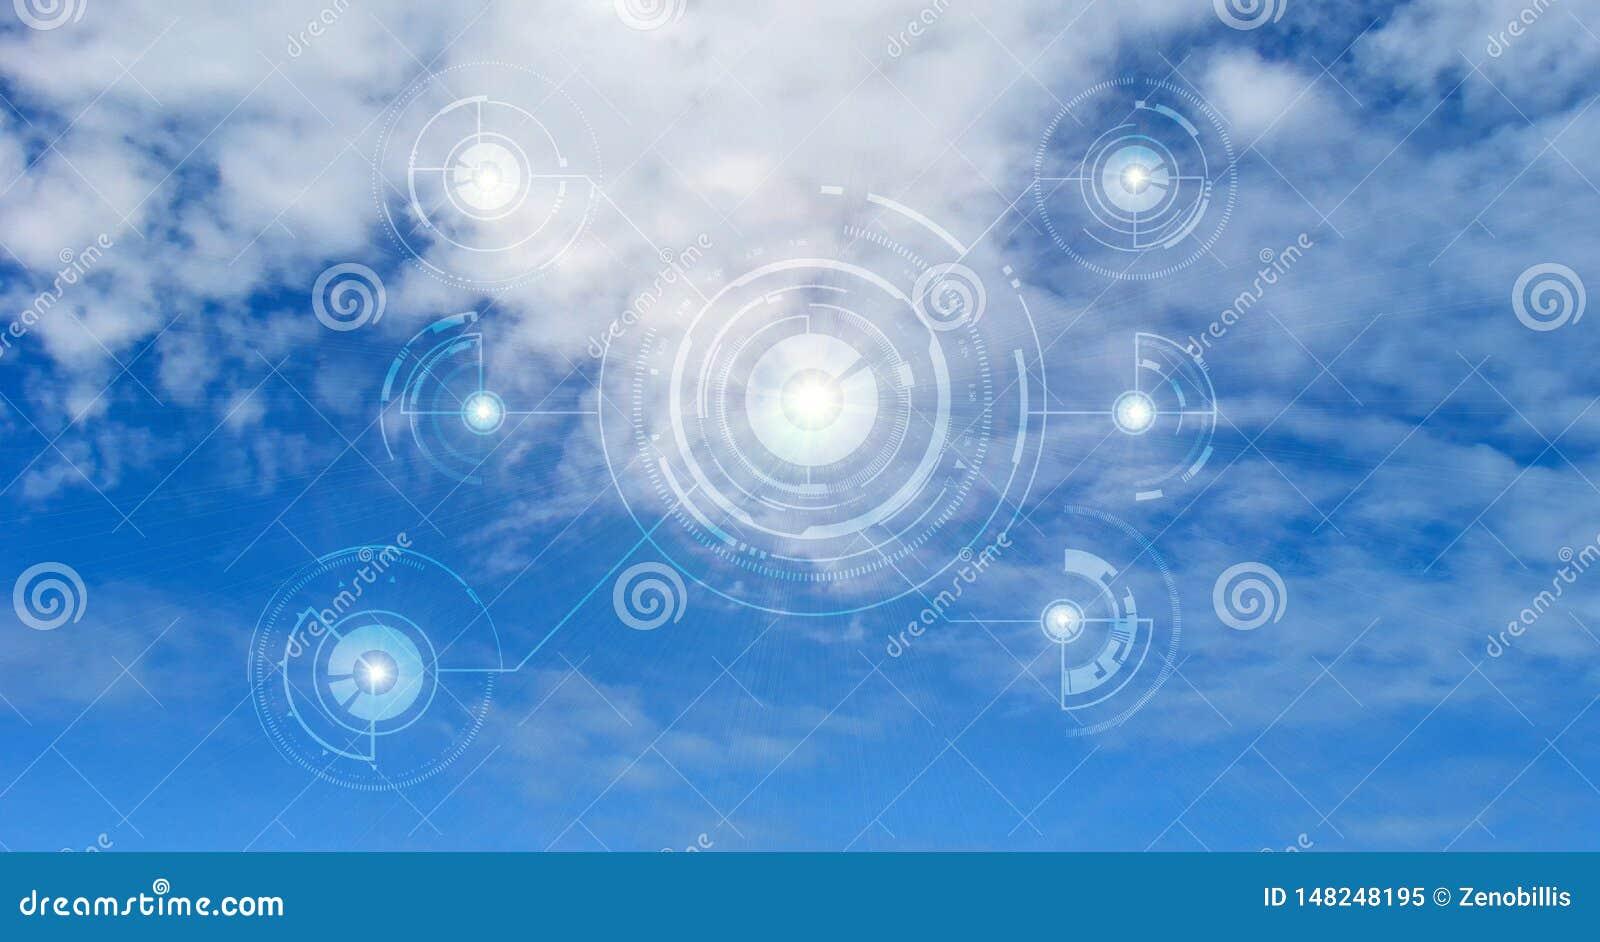 Концепция вычислительной цепи облака Защита данных Глобальная концепция безопасностью сети космоса кибер